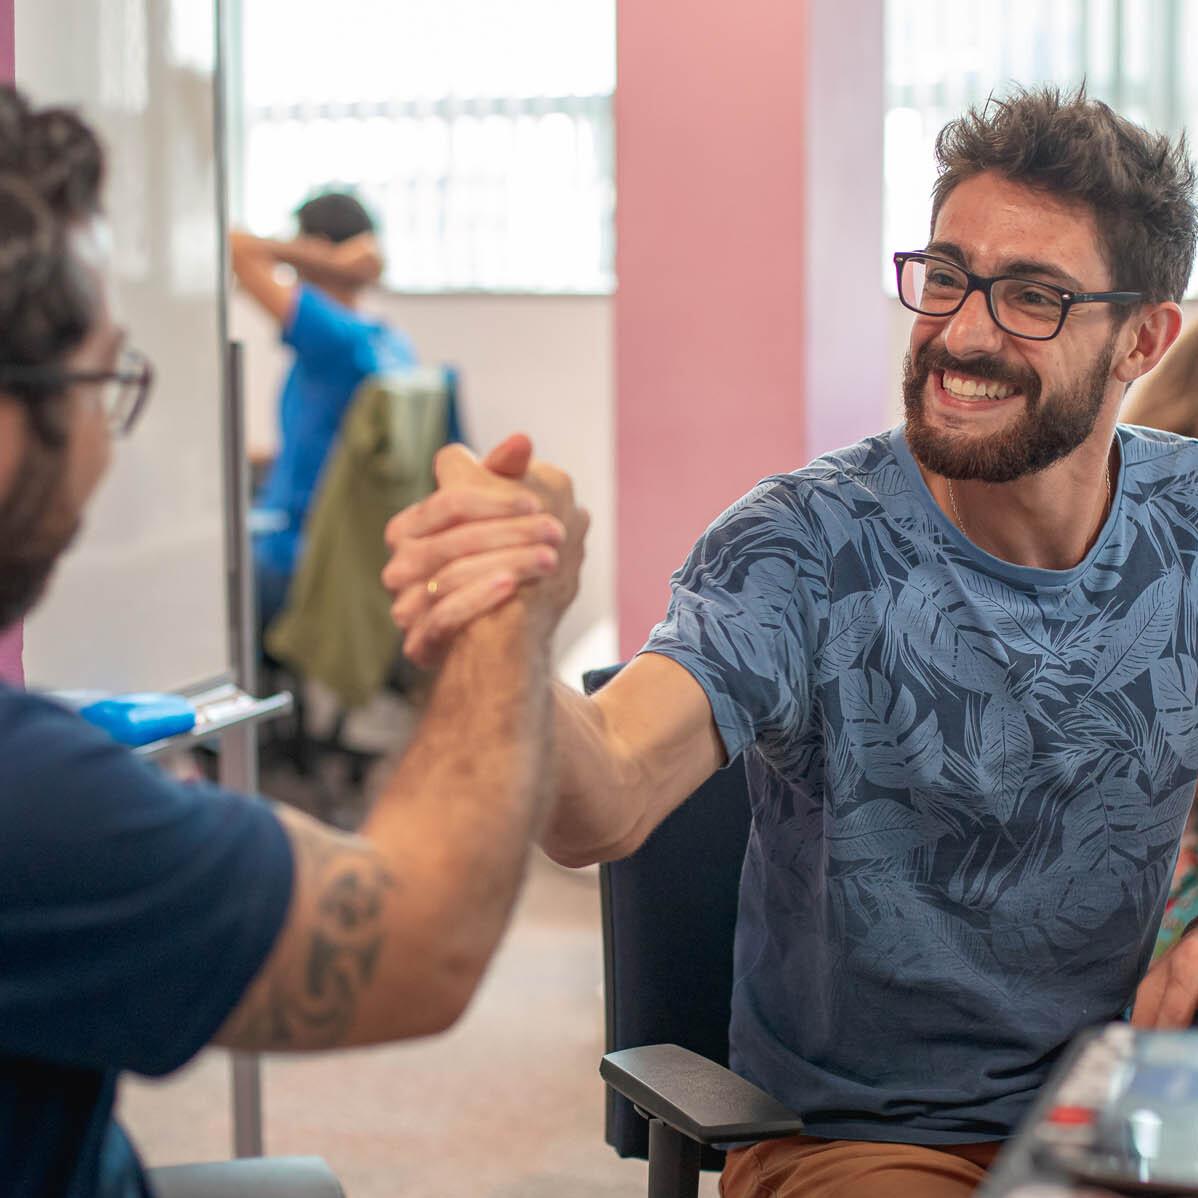 Foto de dois RDoers se cumprimentando, sentados em sua área de trabalho